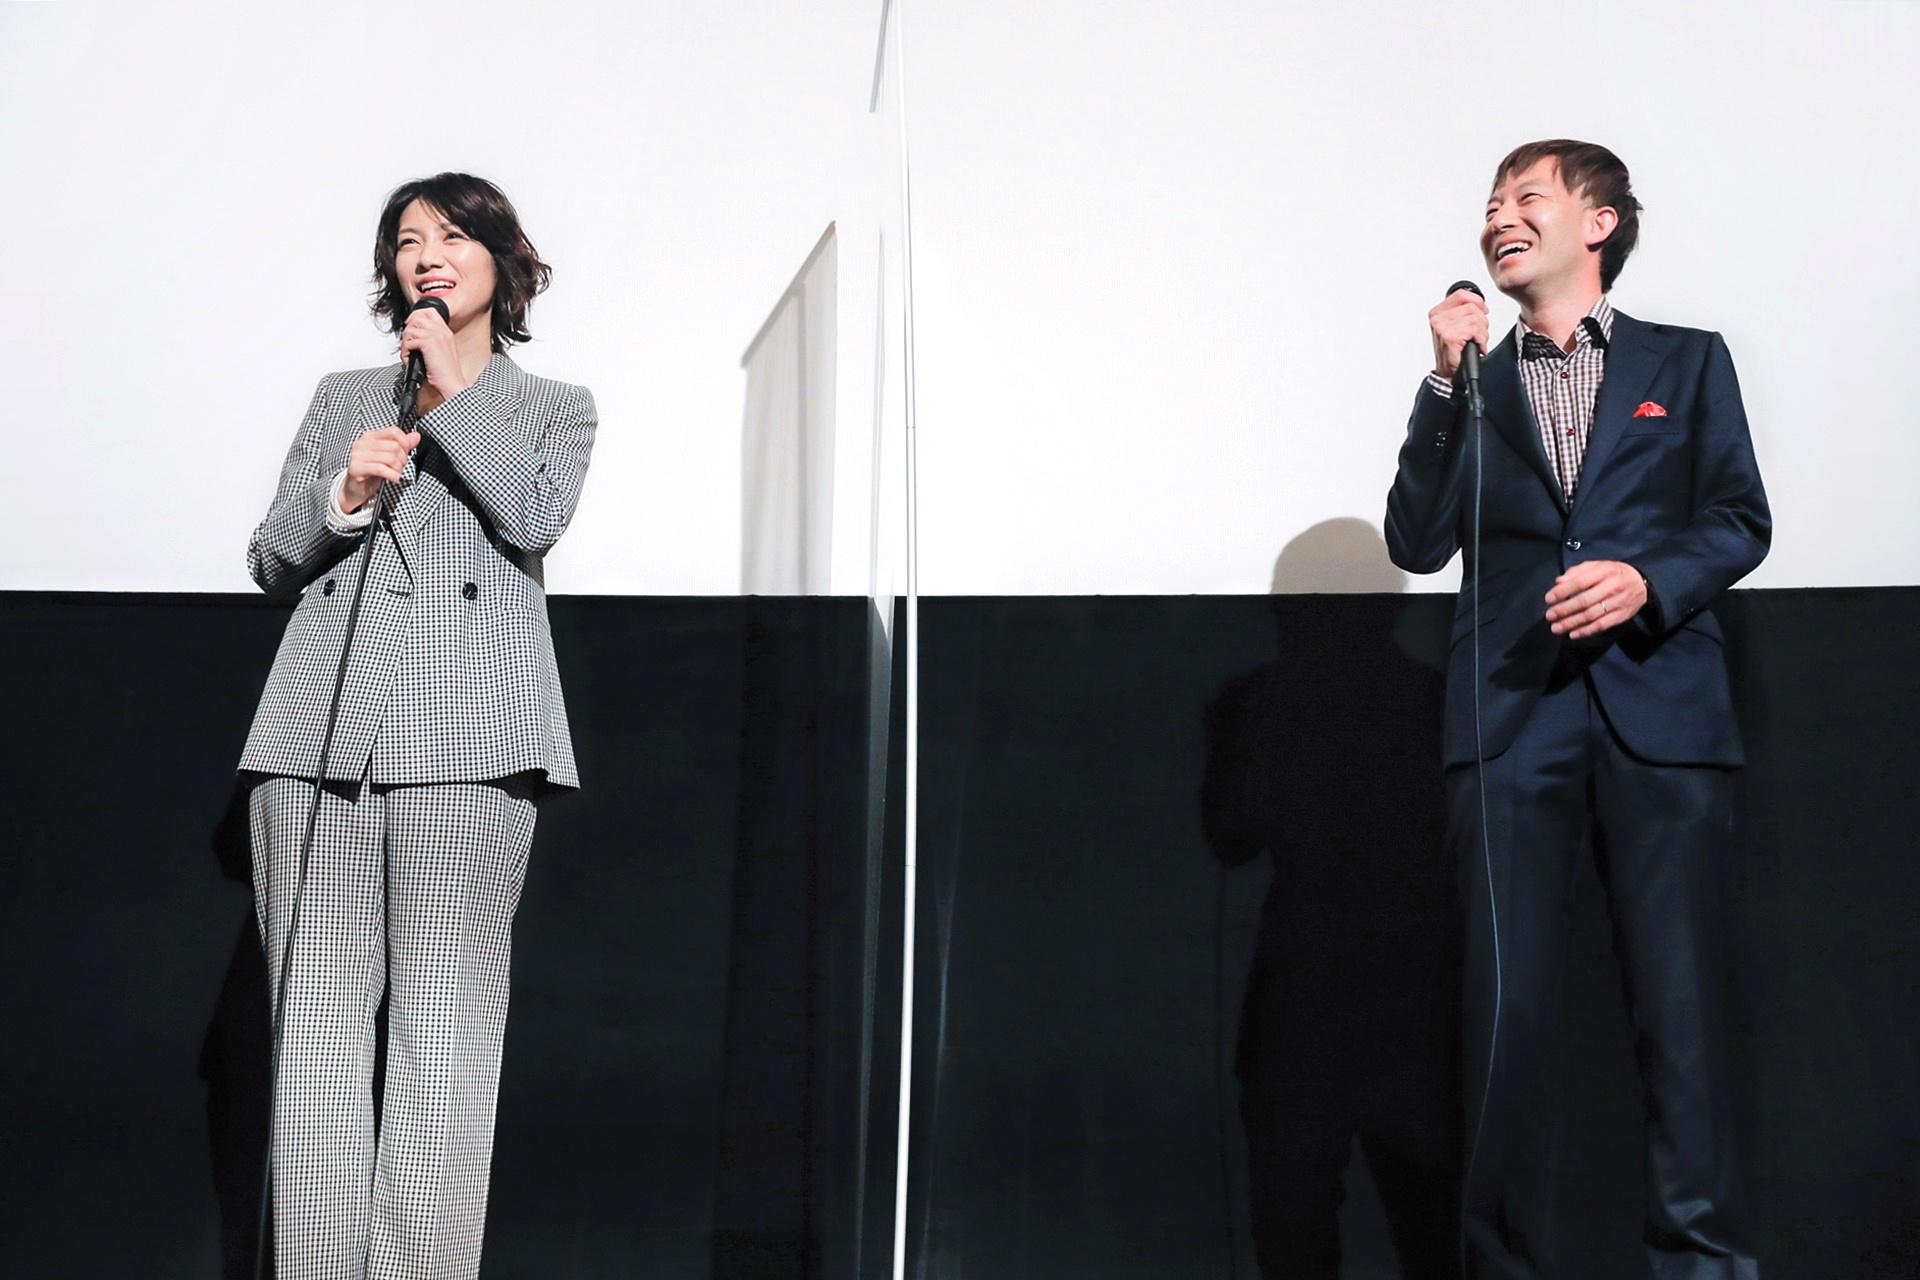 【写真】映画『裏アカ』公開記念舞台挨拶 (瀧内公美、加藤監督)